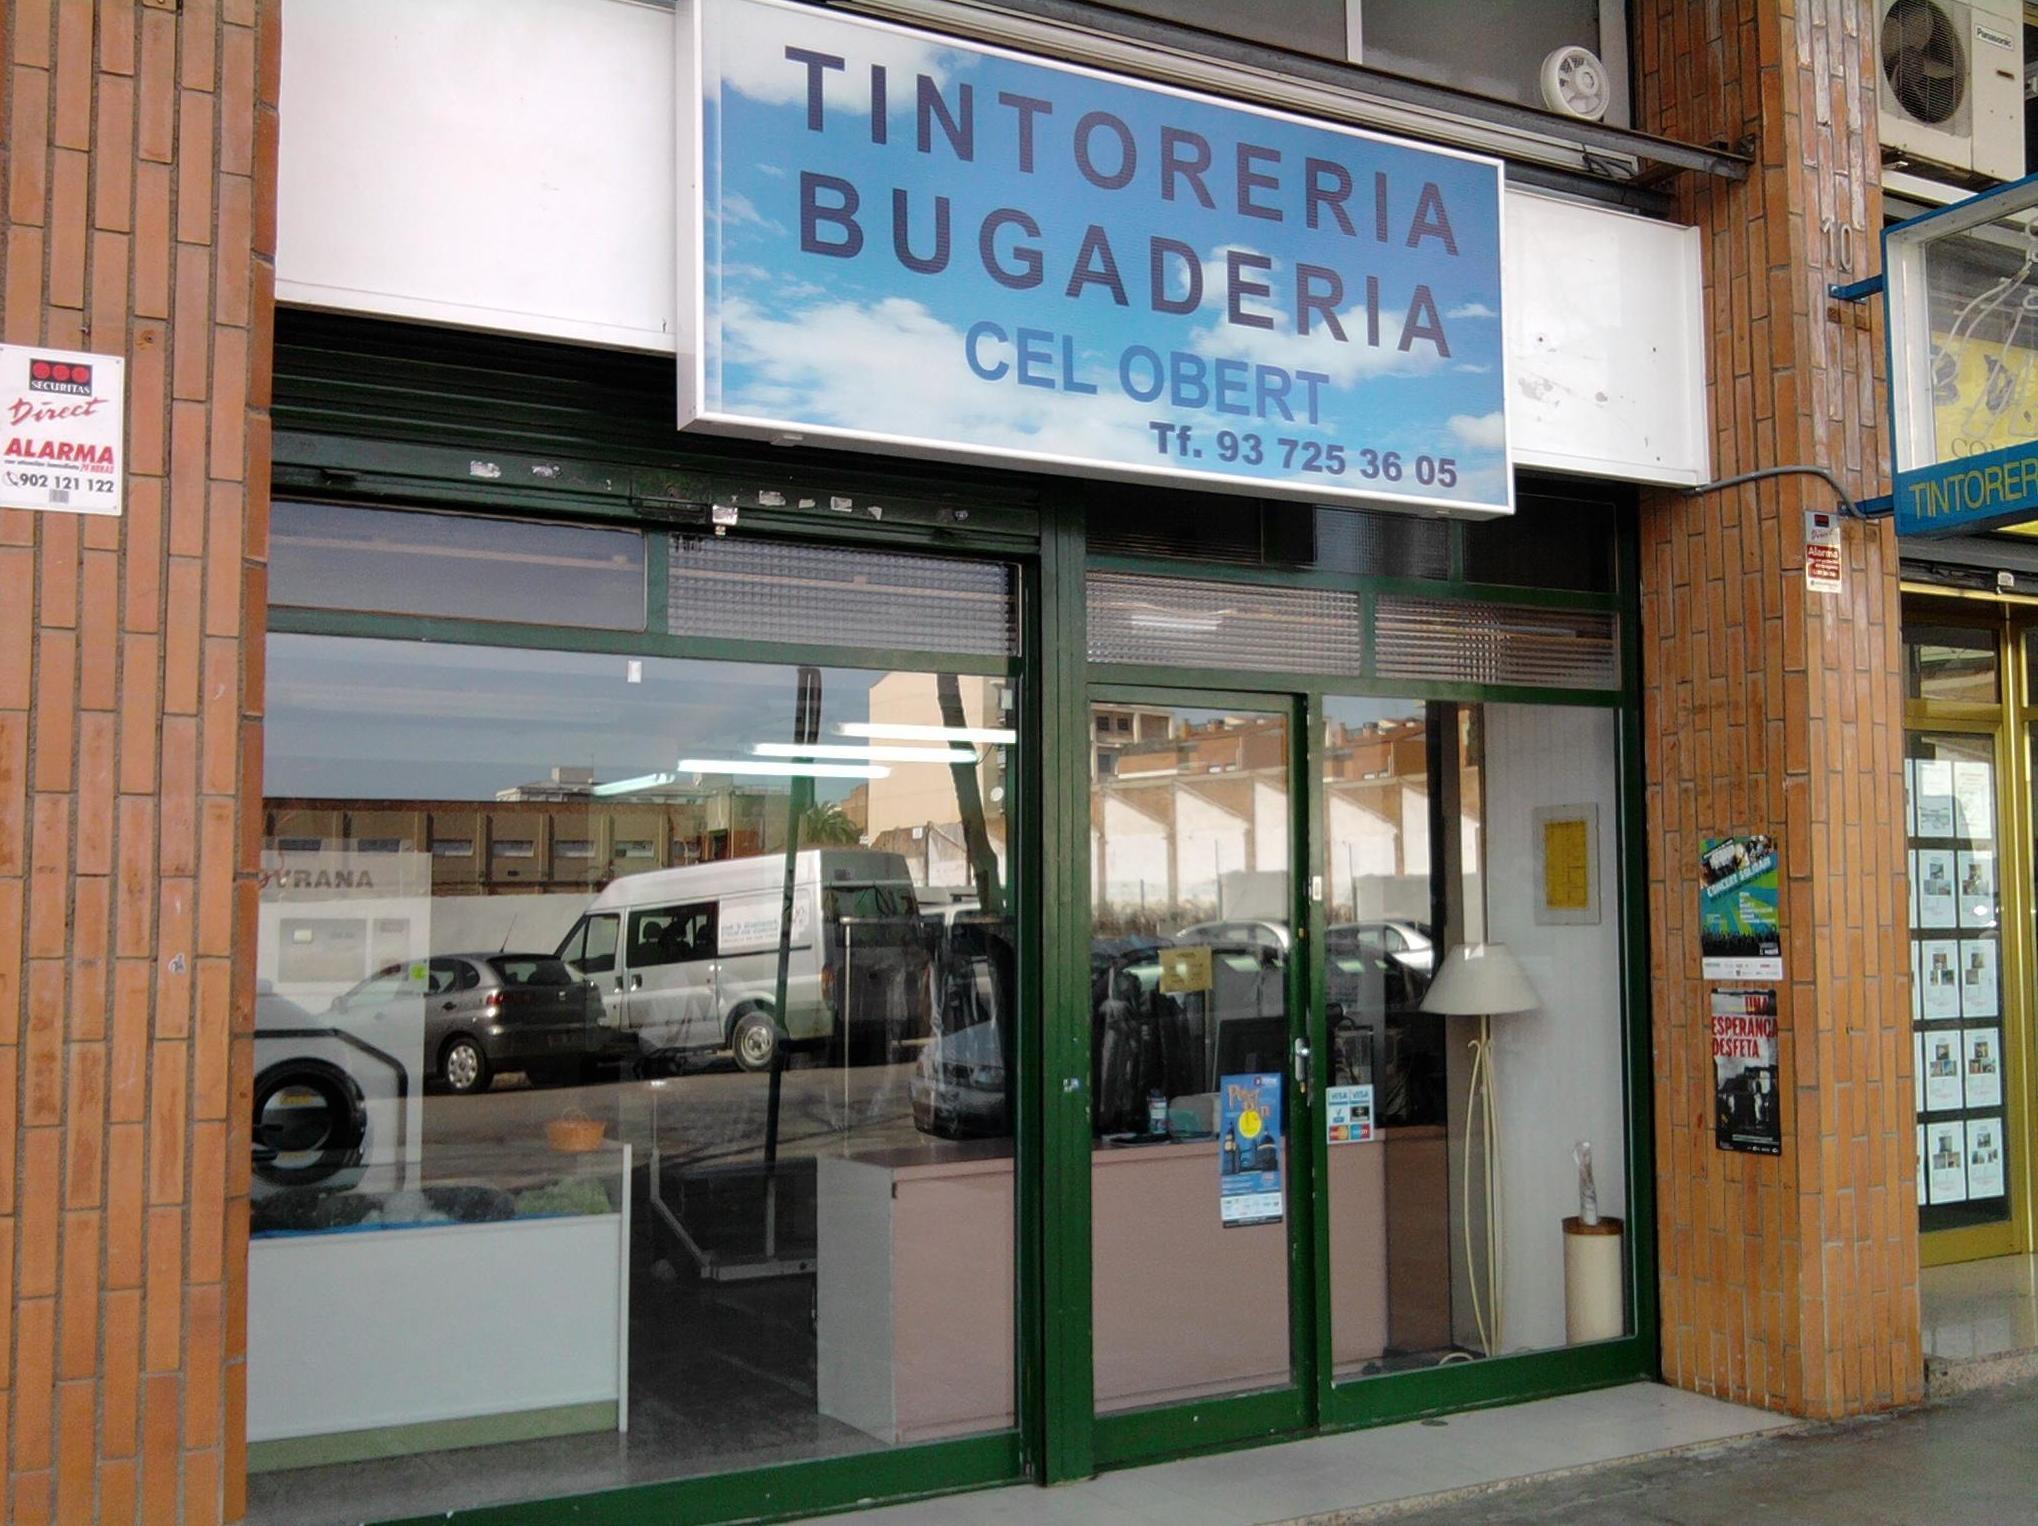 Tintorería y lavandería en Sabadell